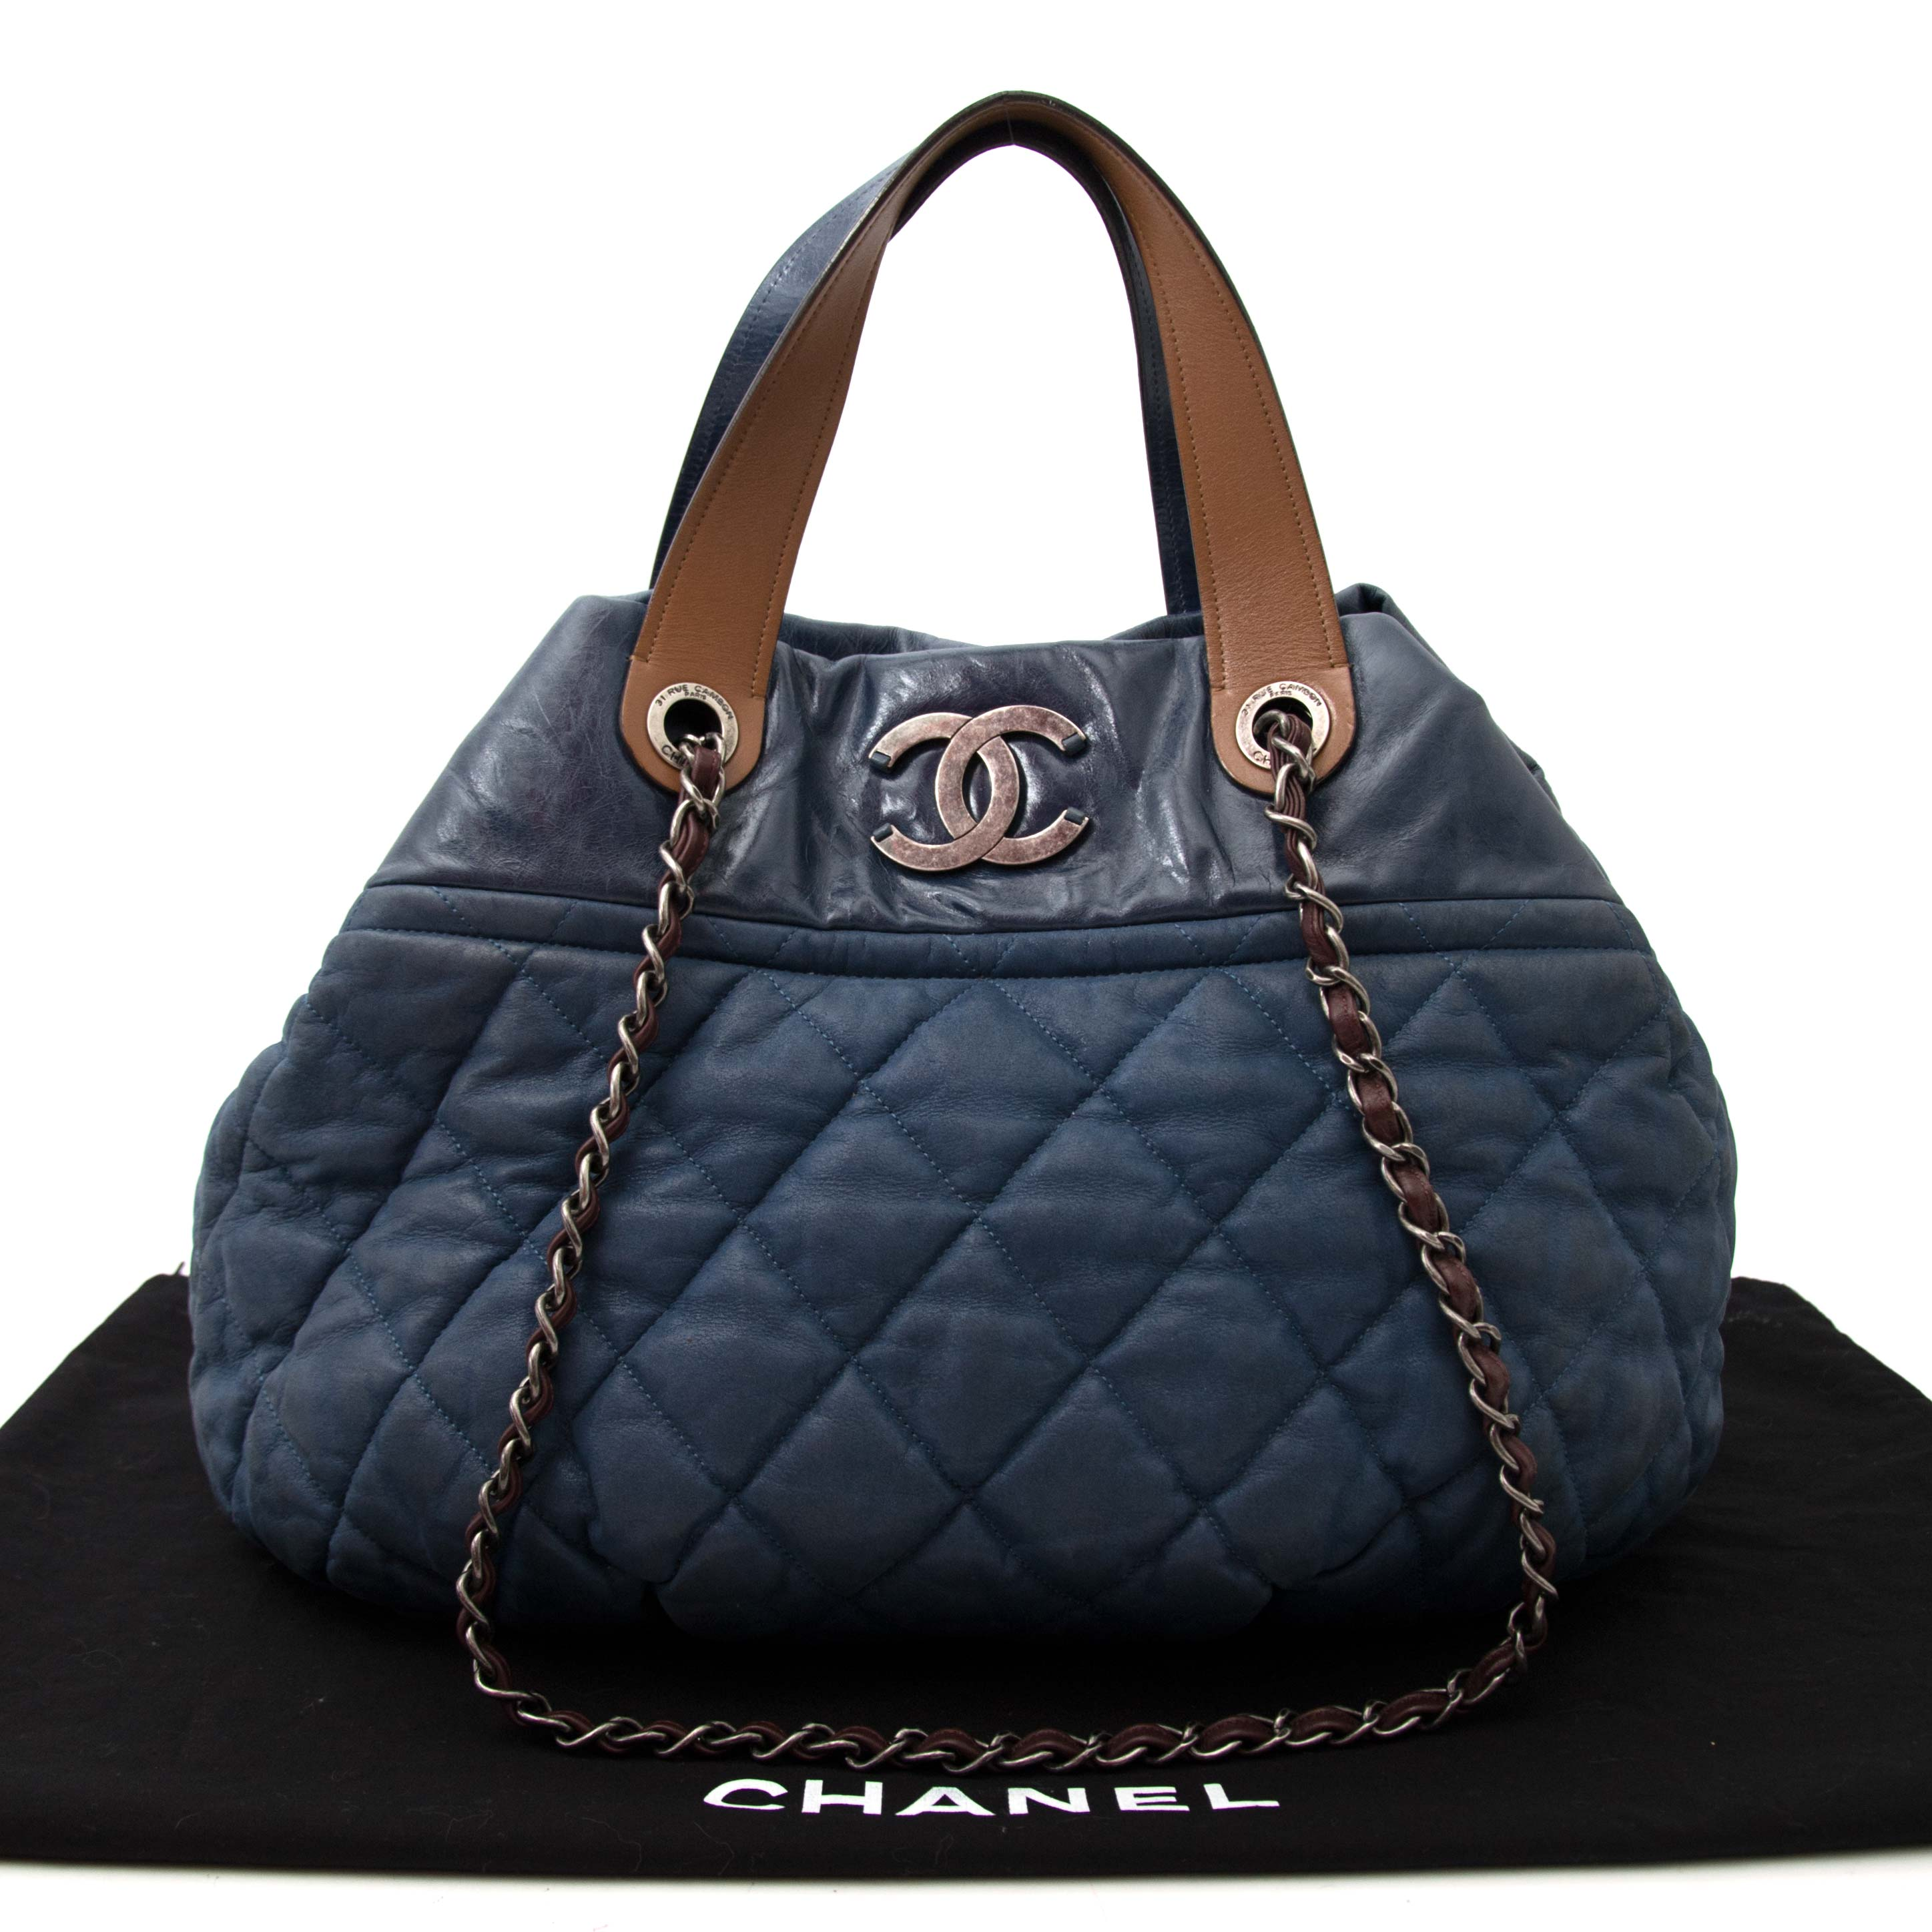 a00078a6820e ... le meilleur prix koop online aan de beste prijs Chanel  In The Mix   Jeans Blue Large Tote